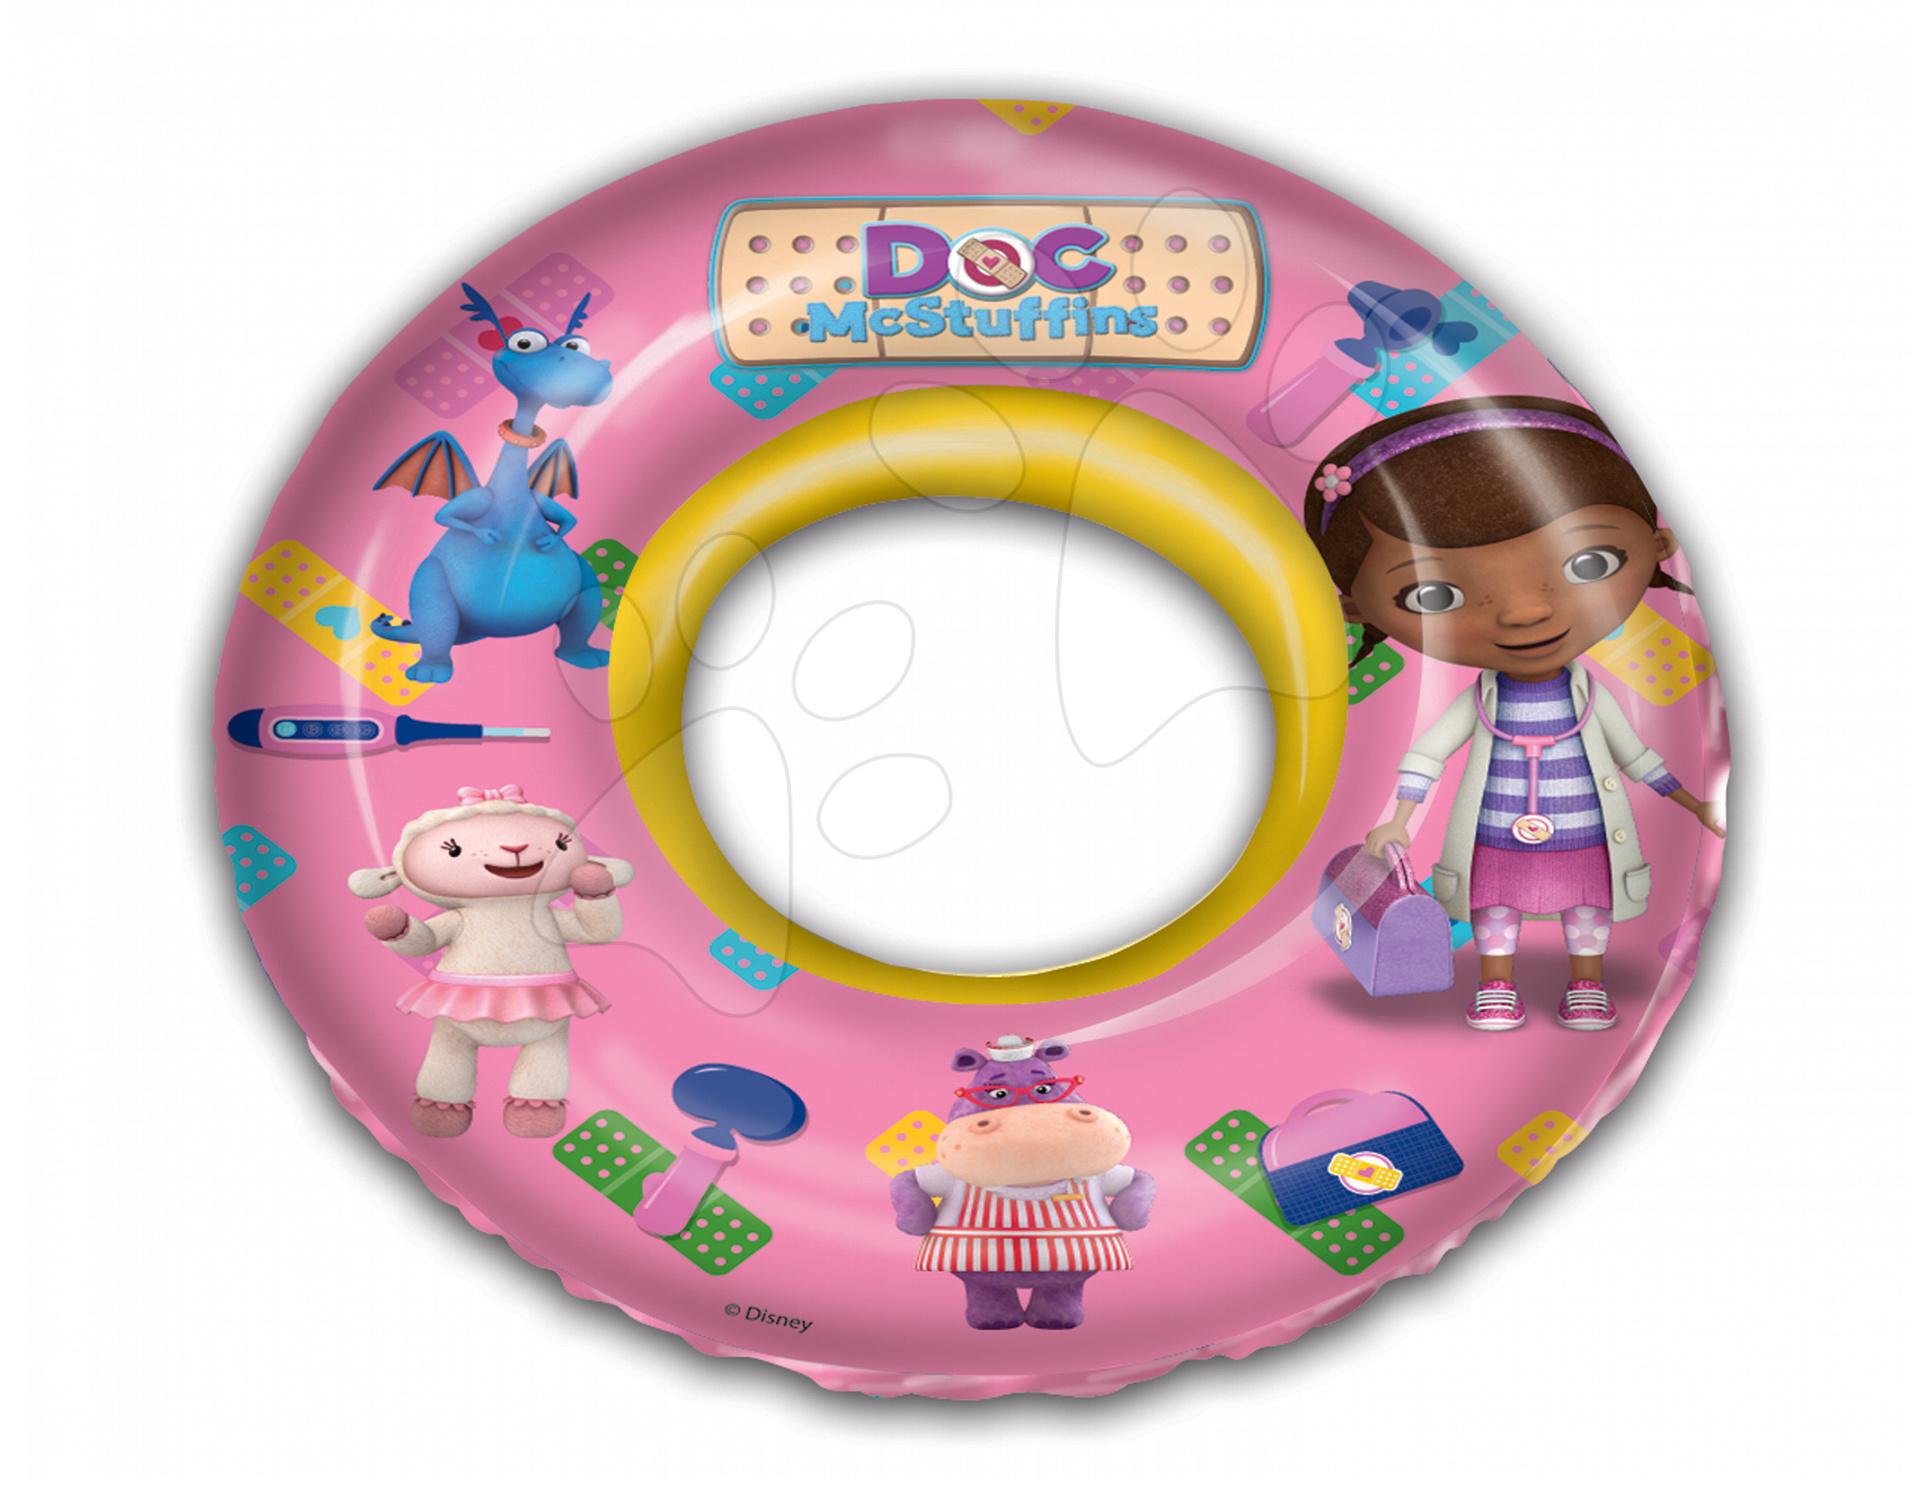 Nafukovacie kolesá - Nafukovacie koleso na plávanie Doktorka McStuffins Mondo 50 cm od 3 rokov